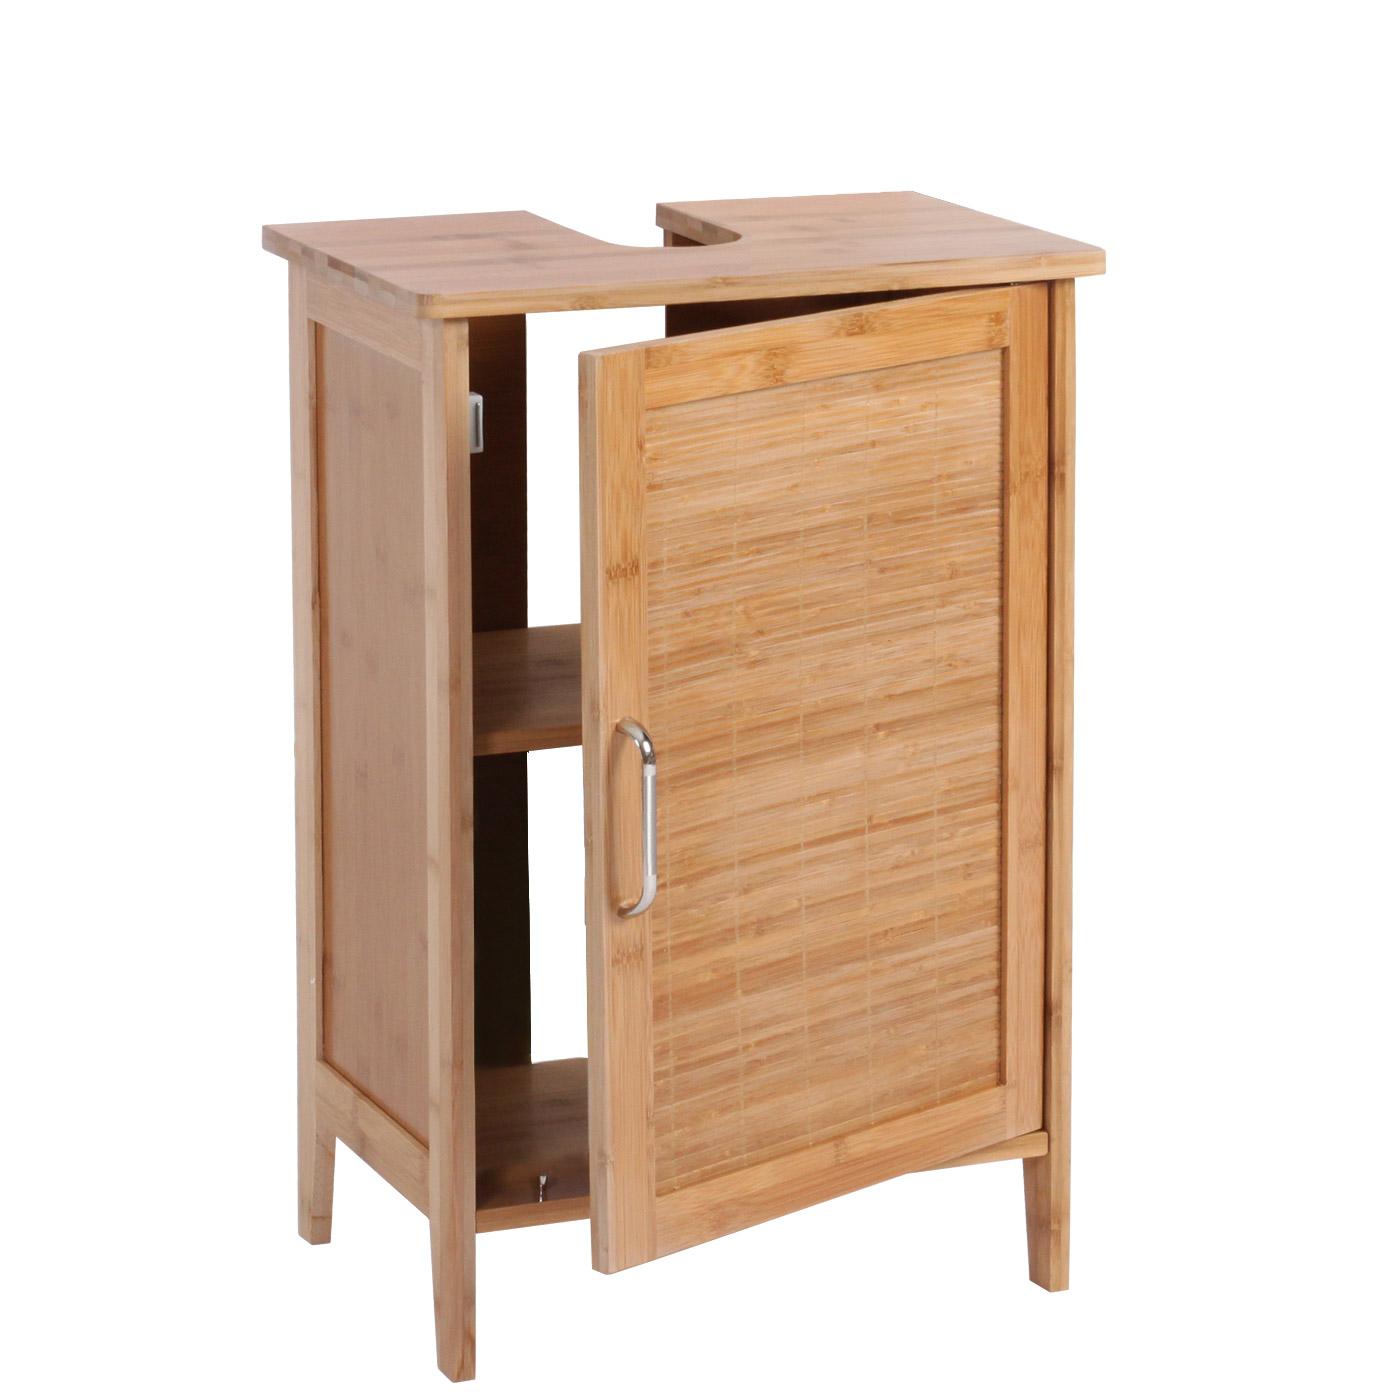 Serie legno bambu narita arredo bagno armadietto - Armadietto bagno ...